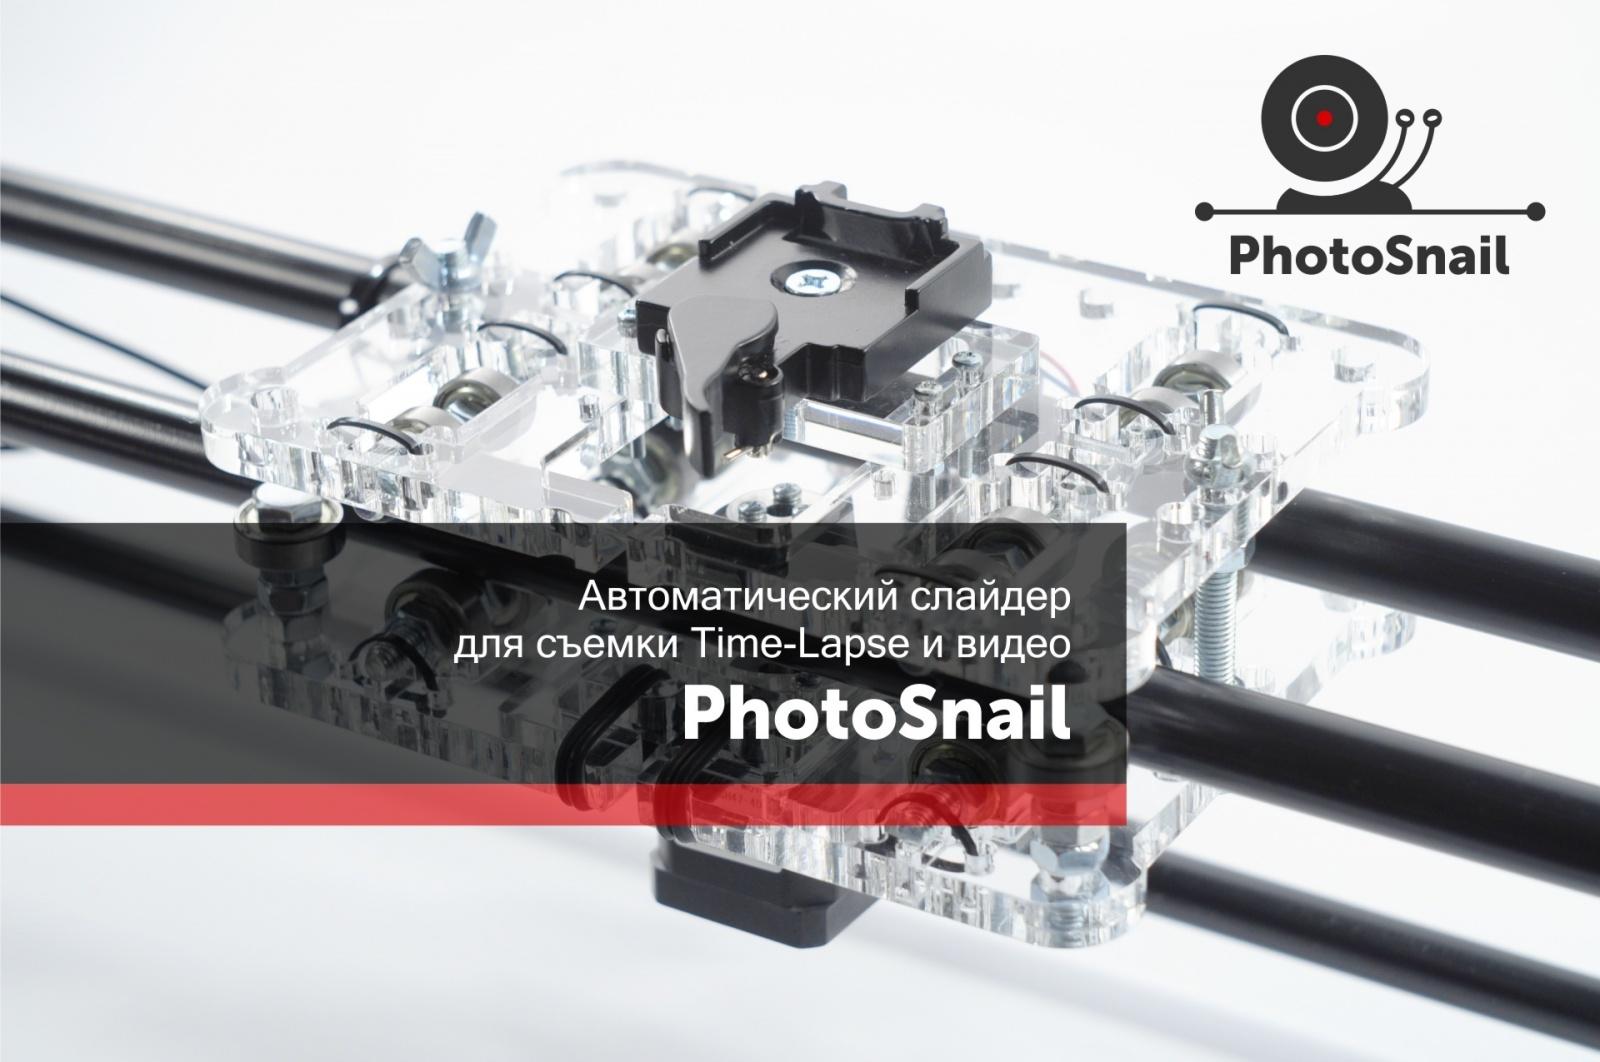 DIY моторизированный слайдер для съемки TimeLapse и видео - 1